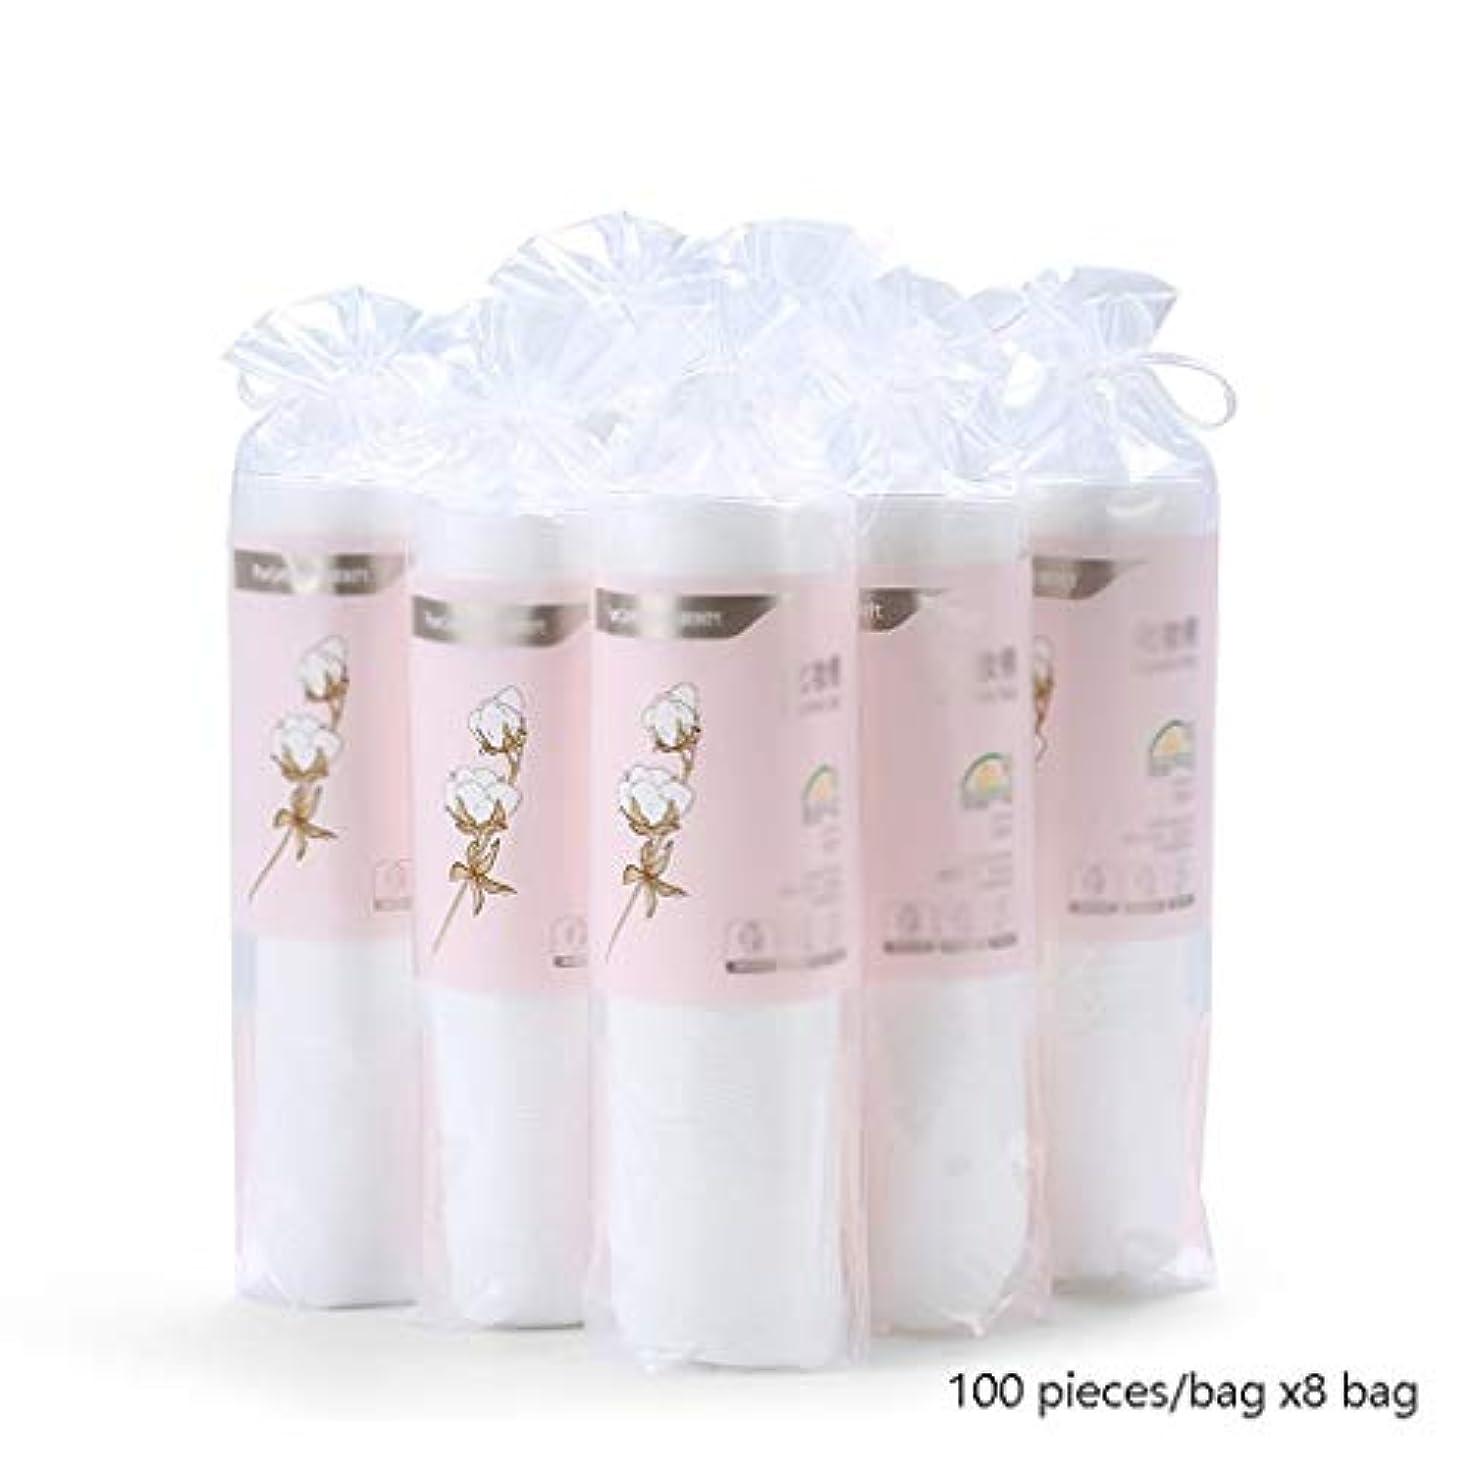 パテメールを書くトレッドクレンジングシート 100個/袋* 8袋ラウンドコットンコットンメイク落としコットン厚手両面コットンパッド (Color : White)